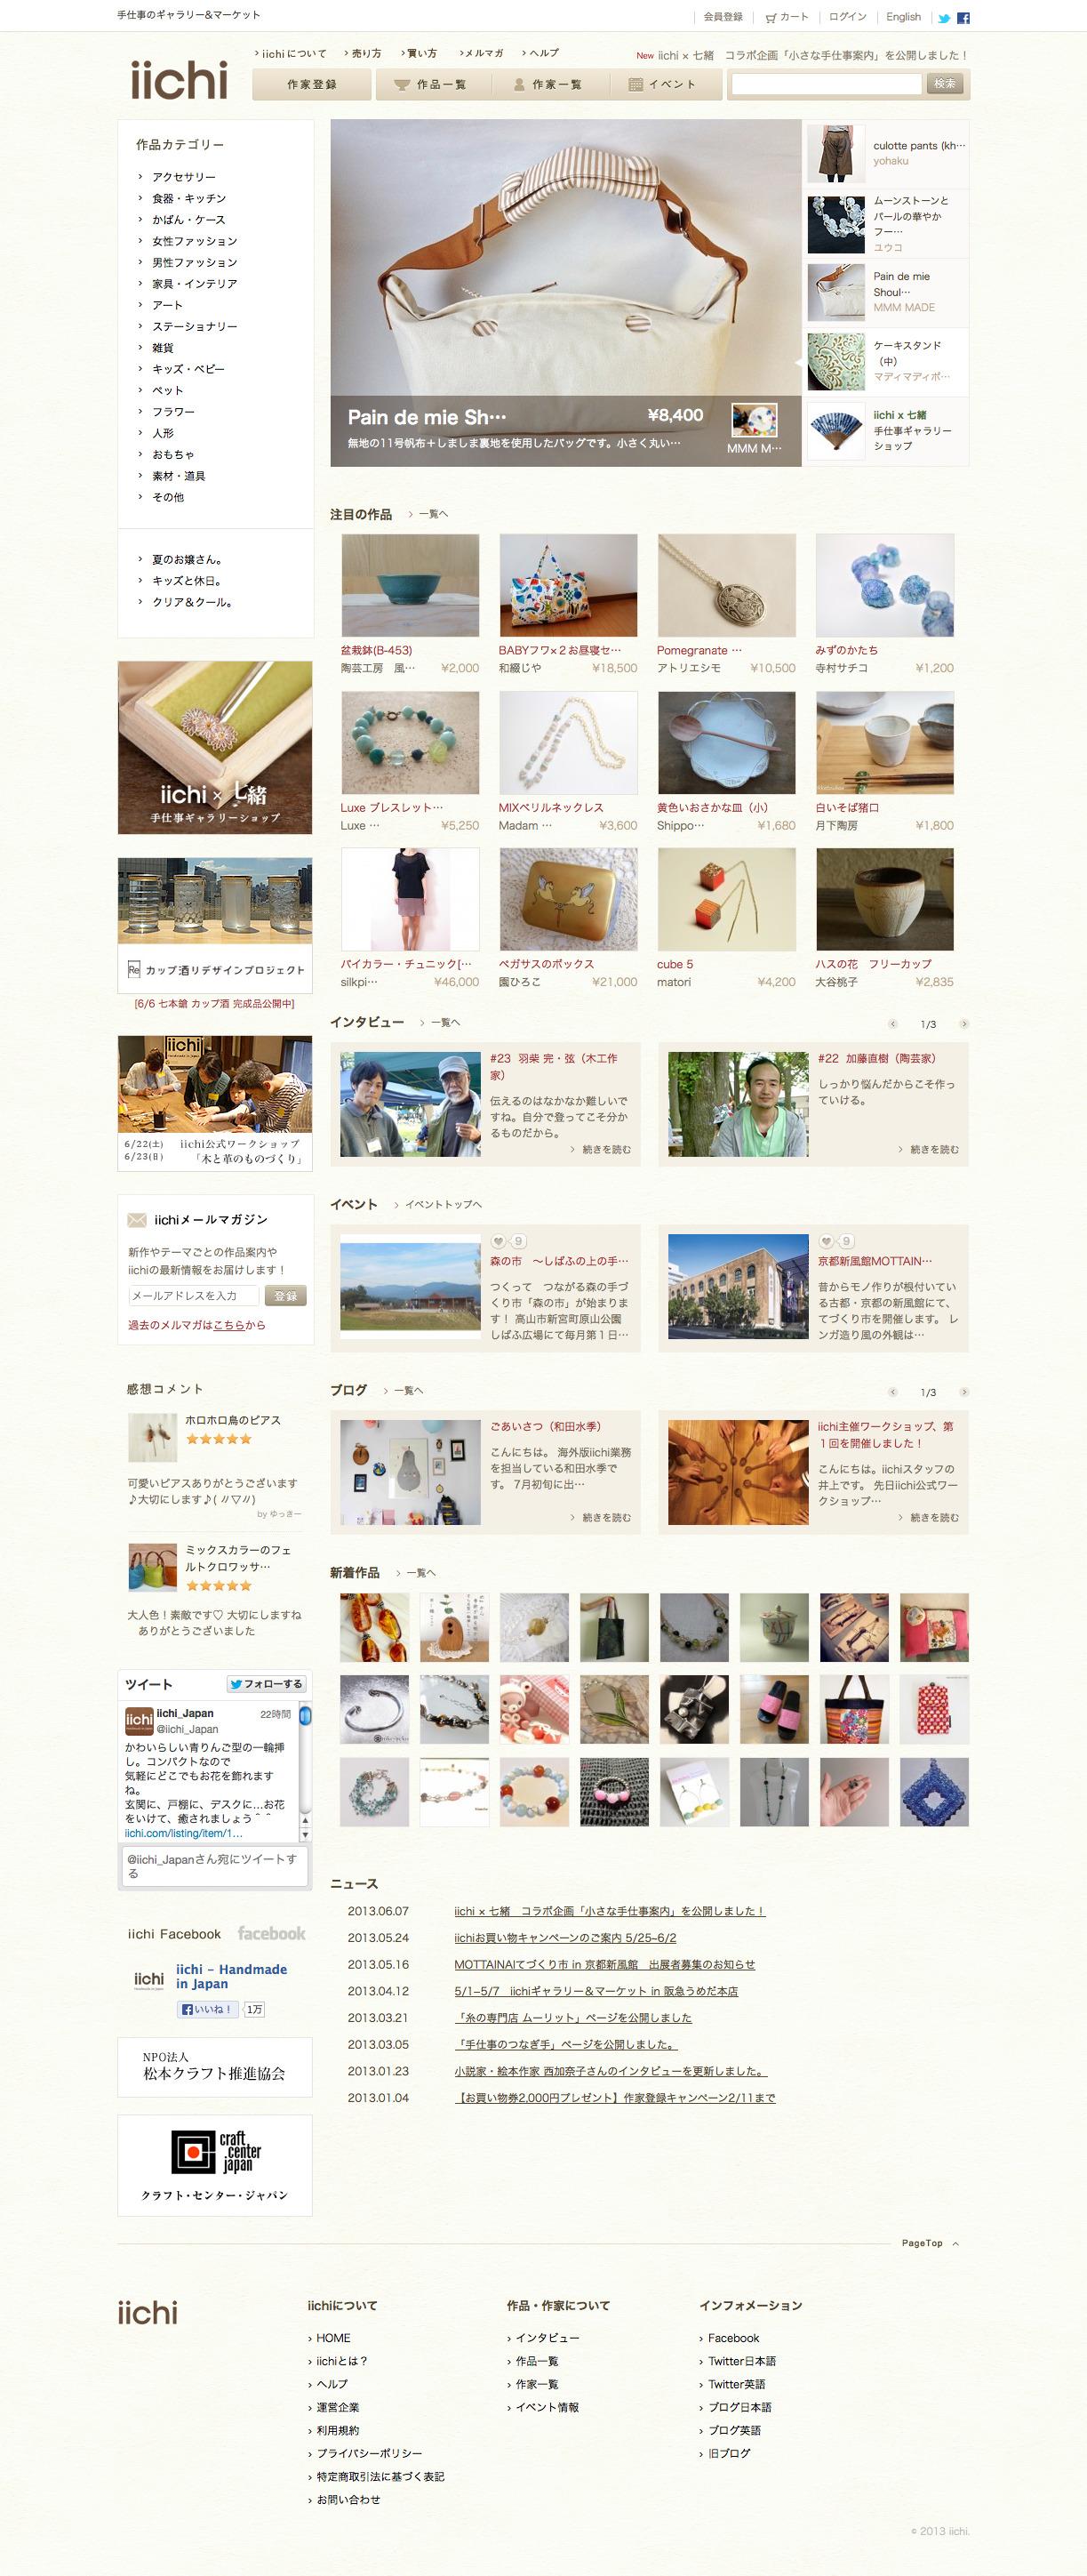 iichi  ハンドメイド・手仕事・手作り品の新しいマーケット-購入・販売